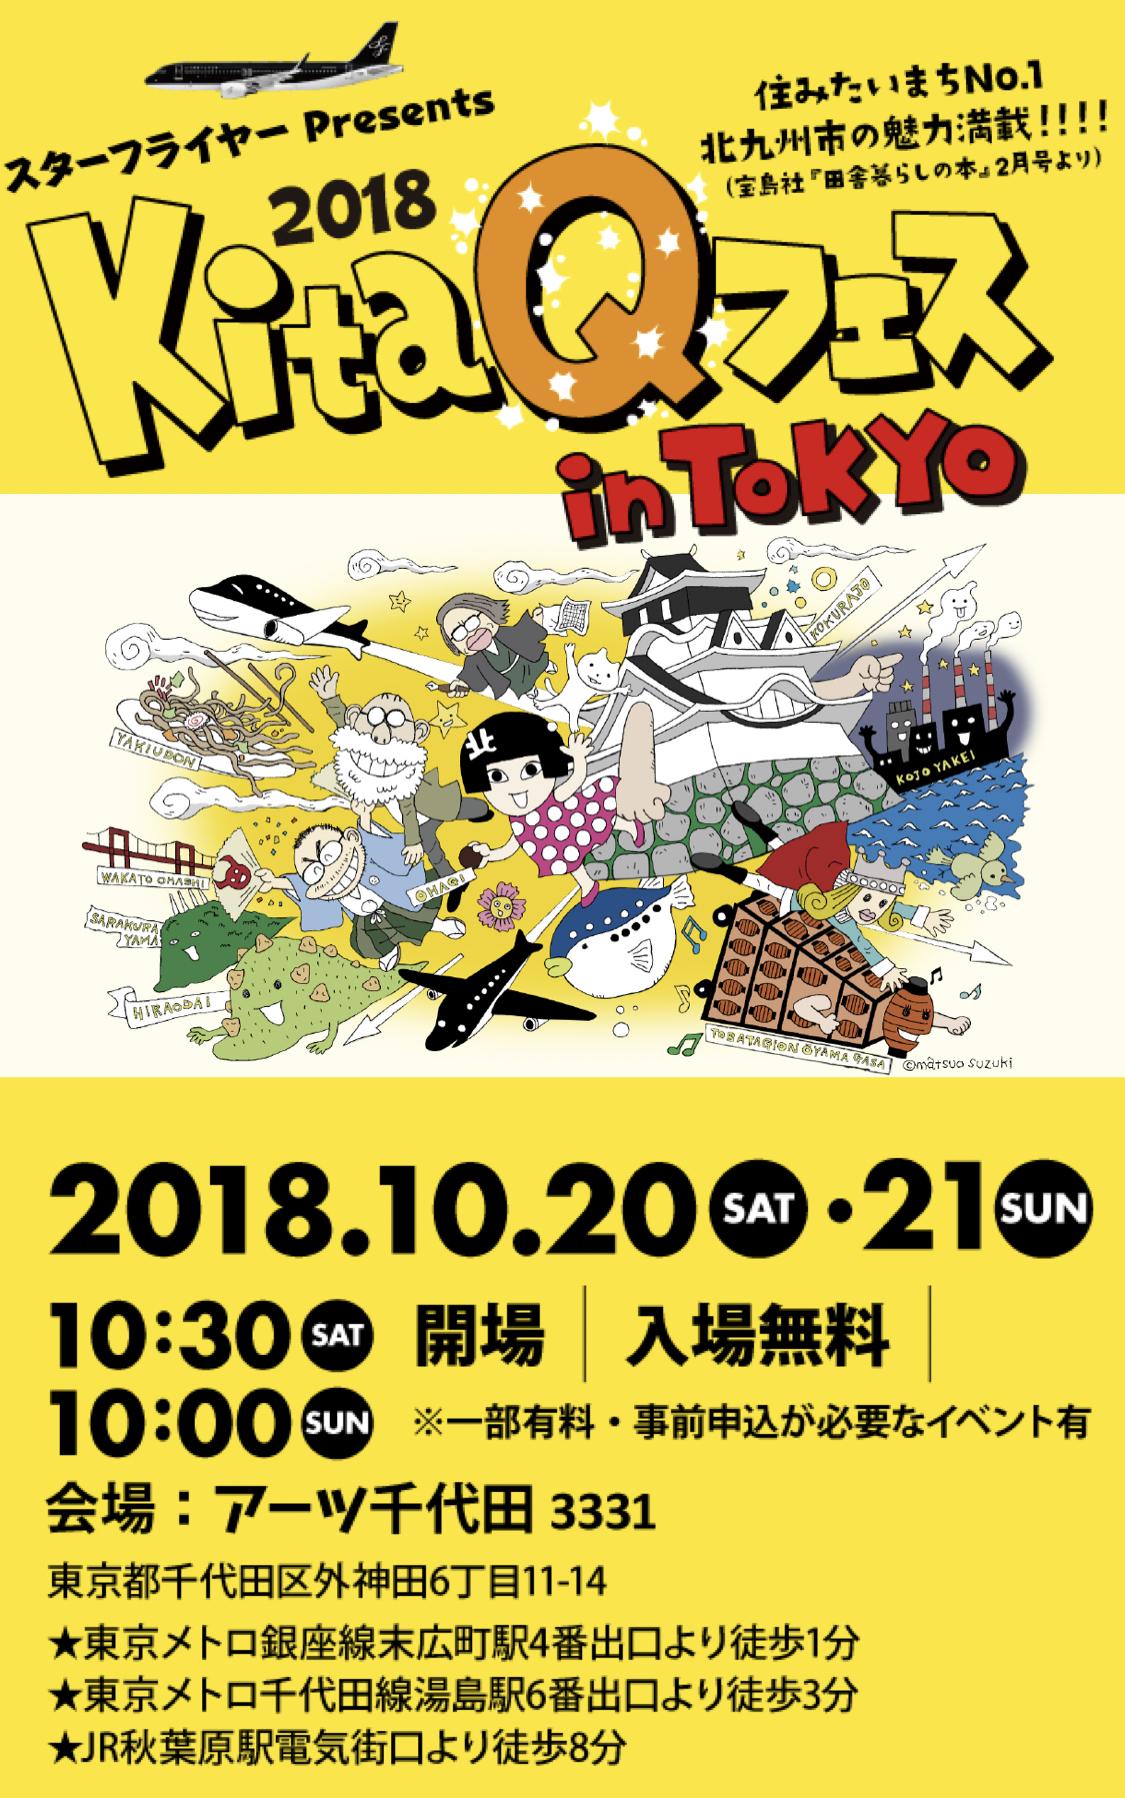 KitaQフェス in TOKYO 2018